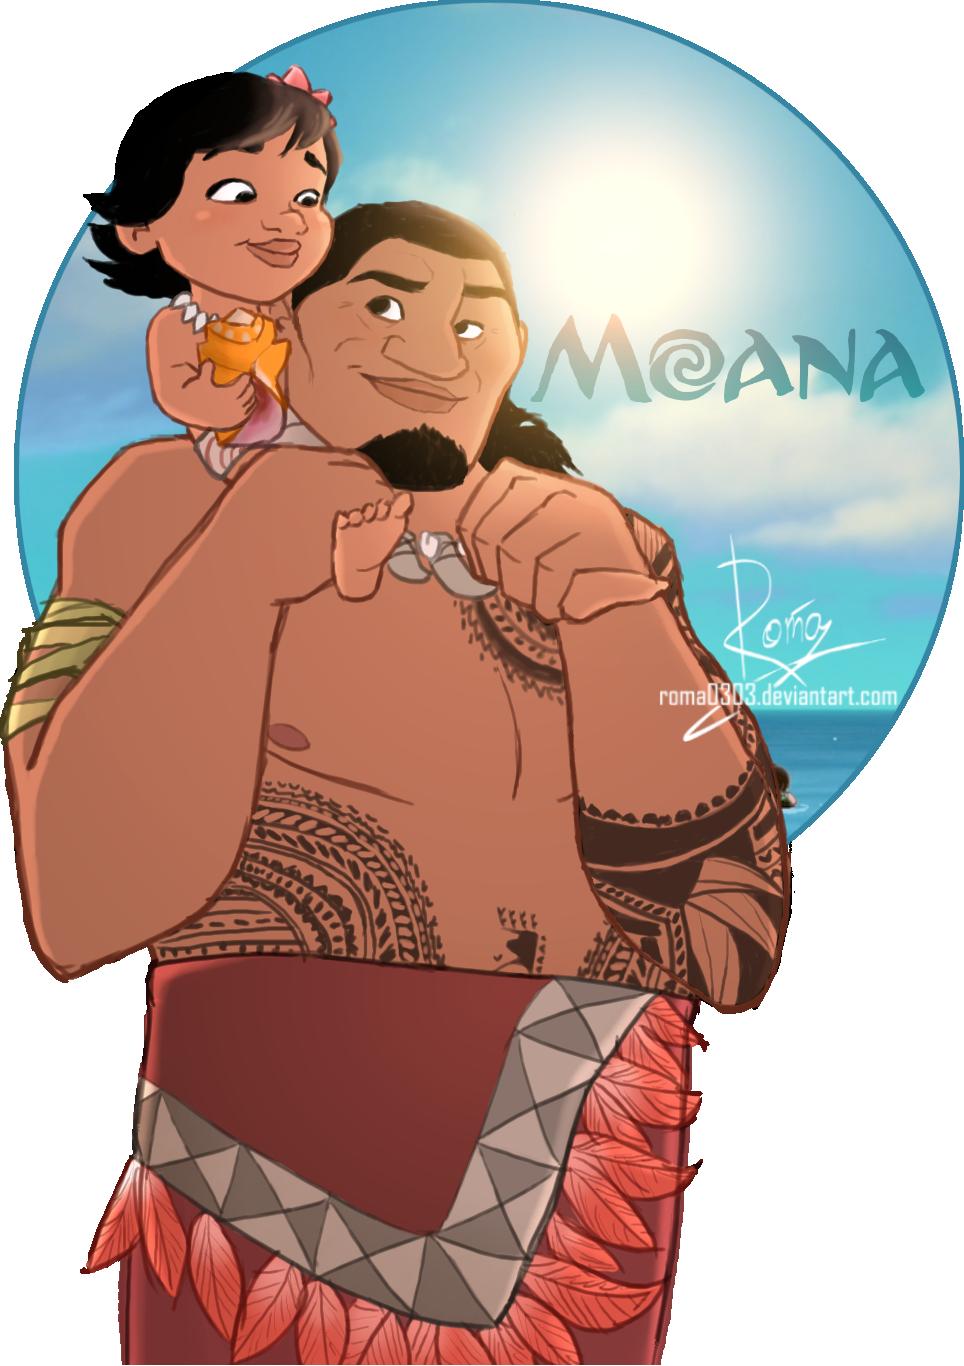 Moana clipart polynesian man, Moana polynesian man Transparent FREE